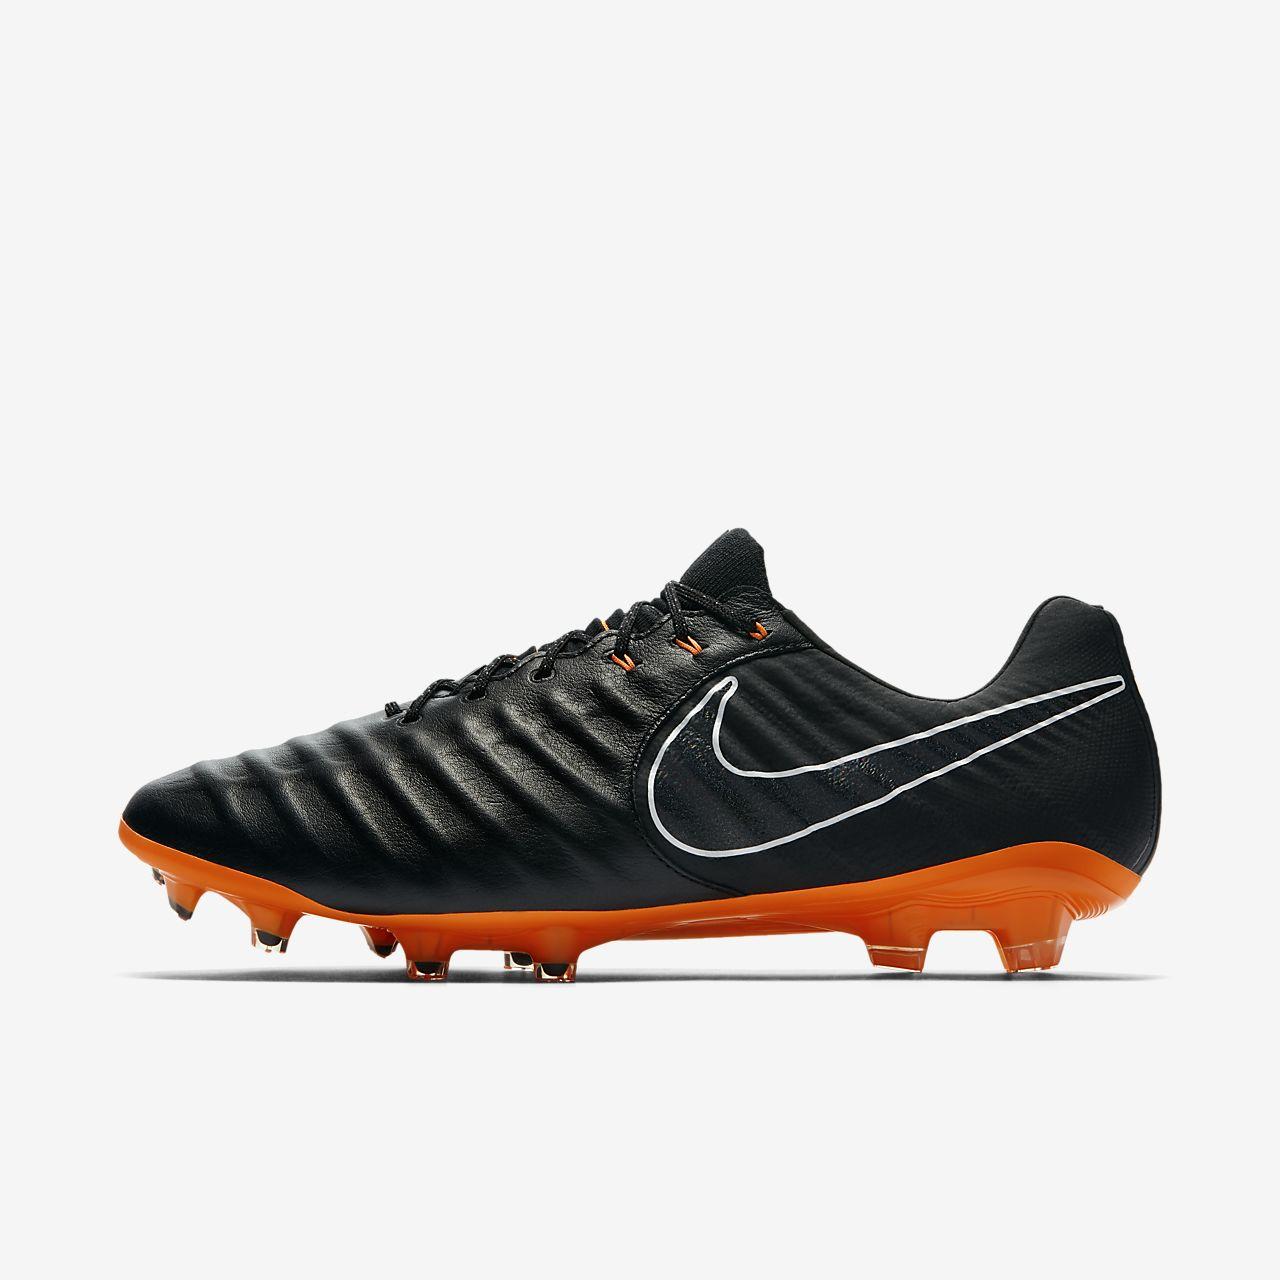 Qan0war Da Nike 1jf3kctl Rwz6orqr Scarpe Calcio Lacci Per ON0nP8wkX